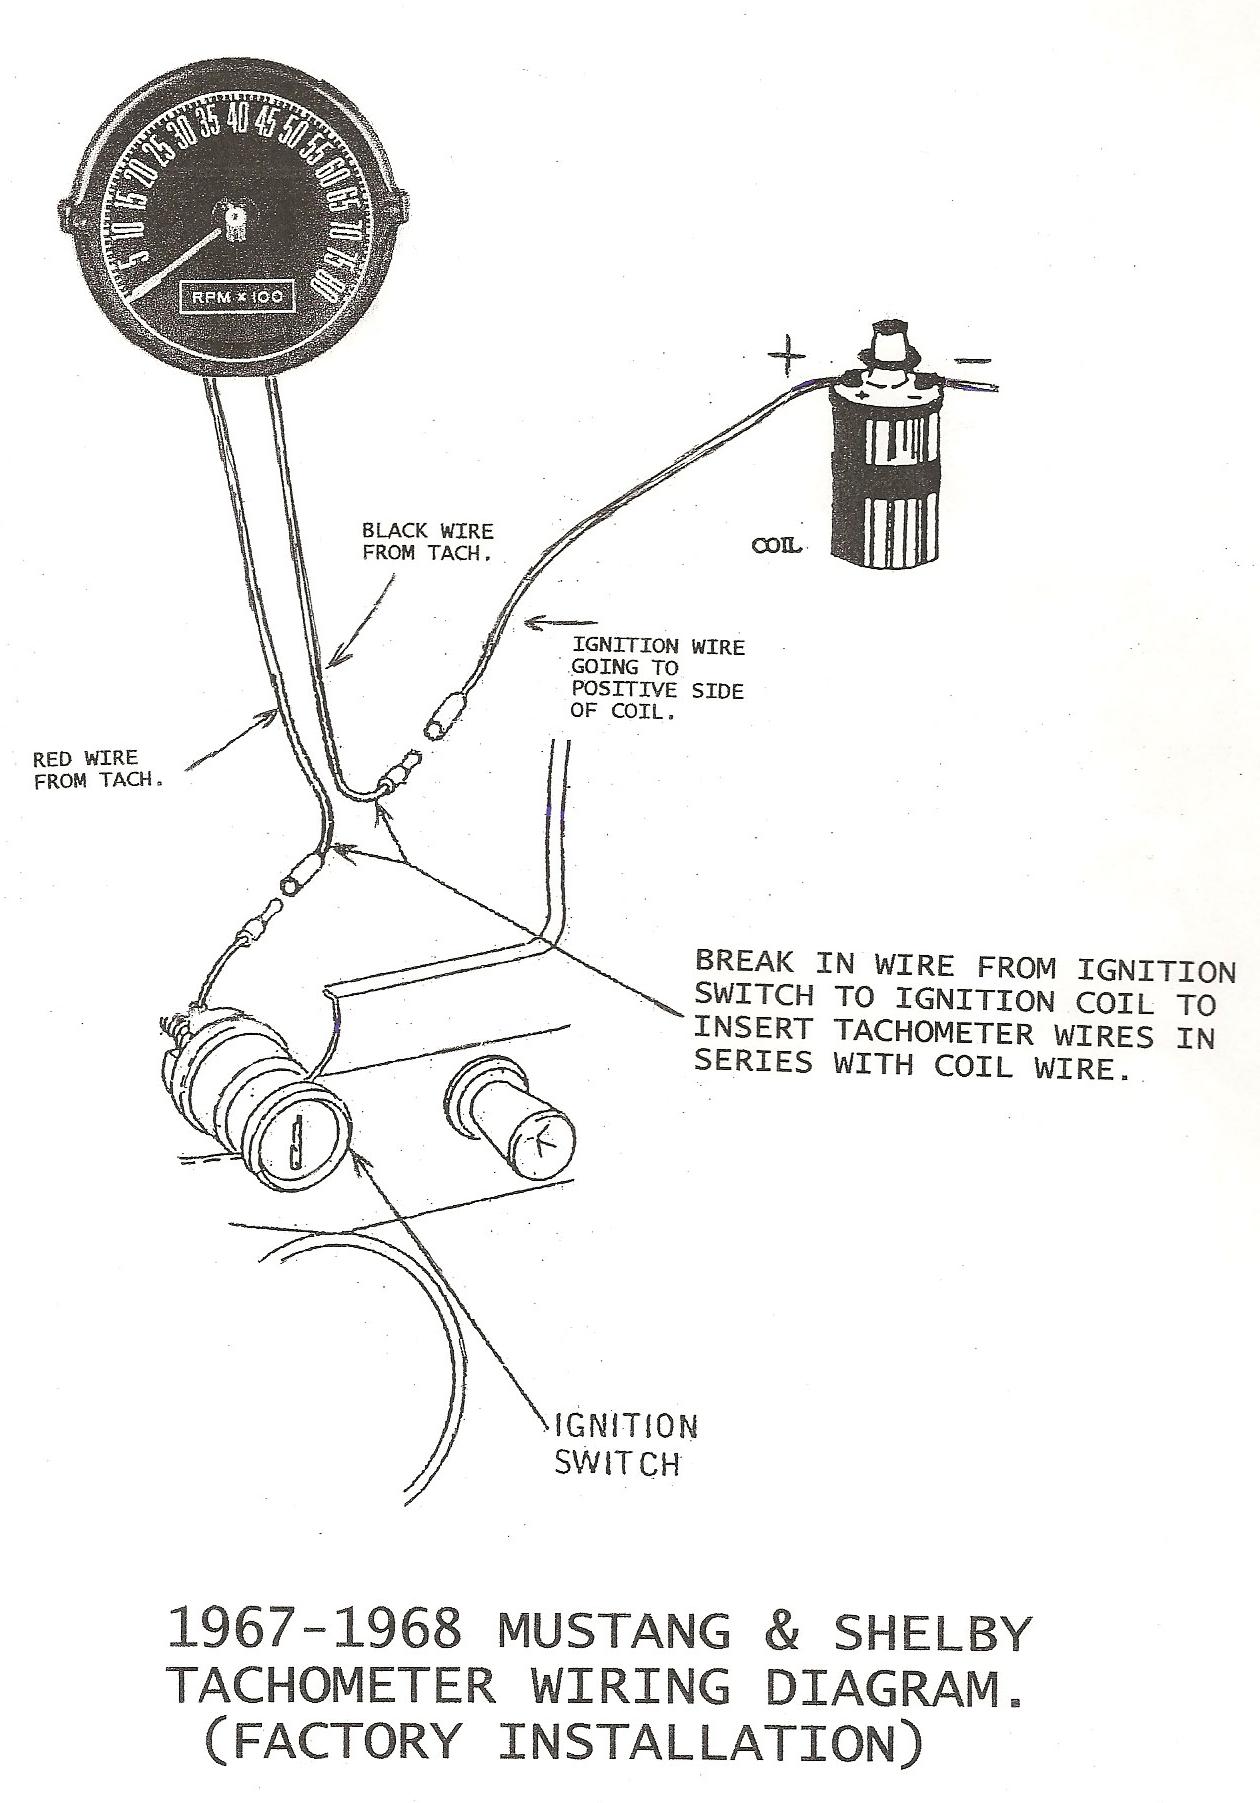 6768tach super pro tachometer wiring diagram dolgular com super pro tachometer wiring diagram at gsmx.co